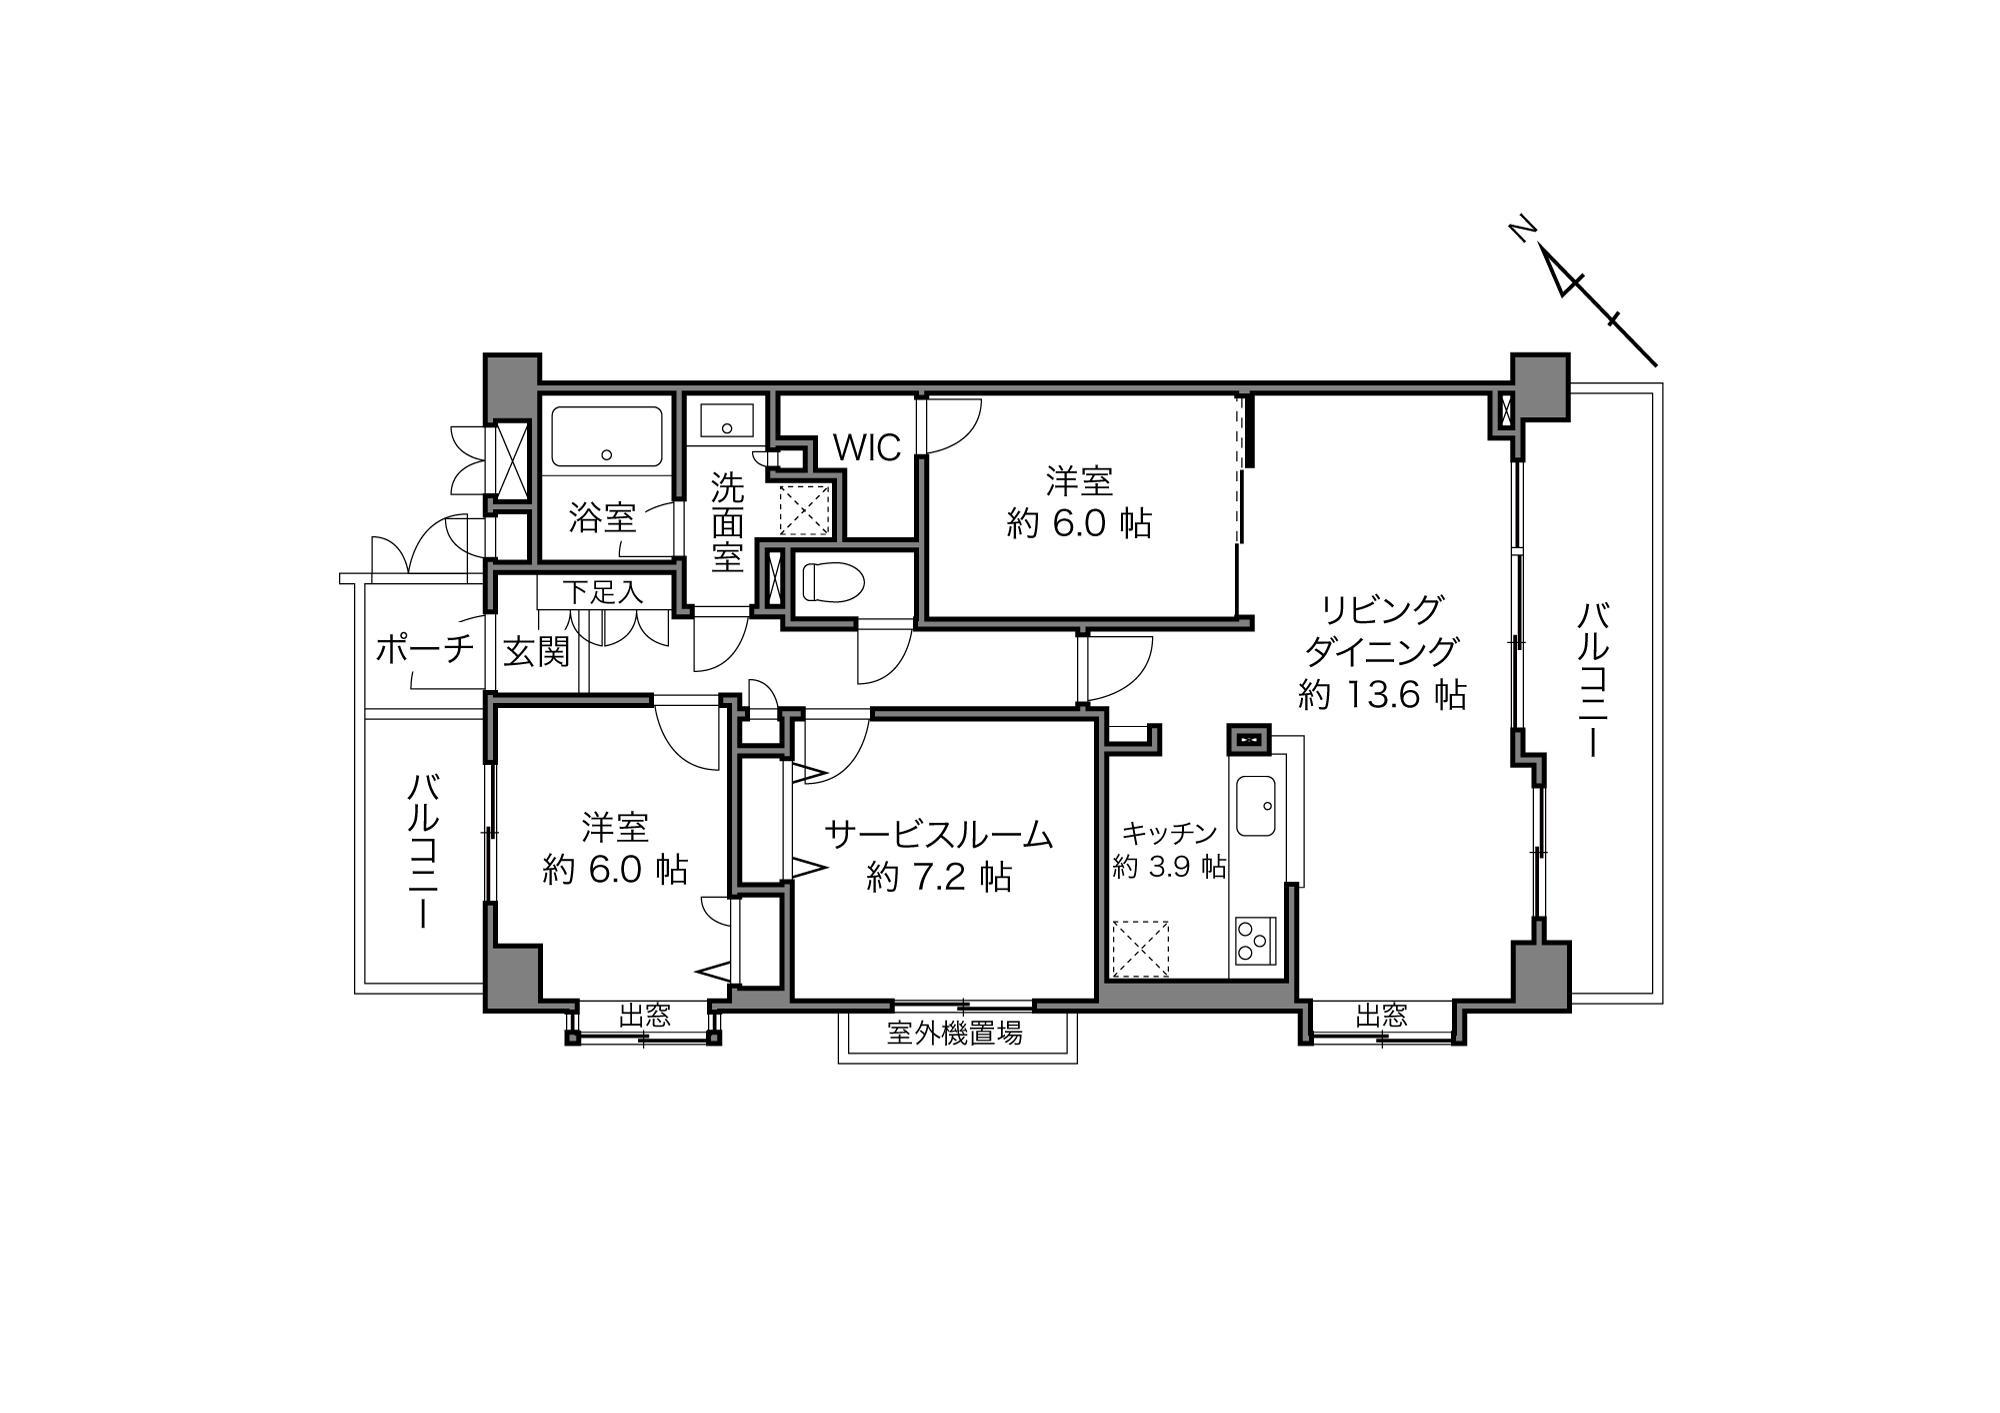 上野毛駅 / 2LDK+S(納戸)/ 81.35㎡